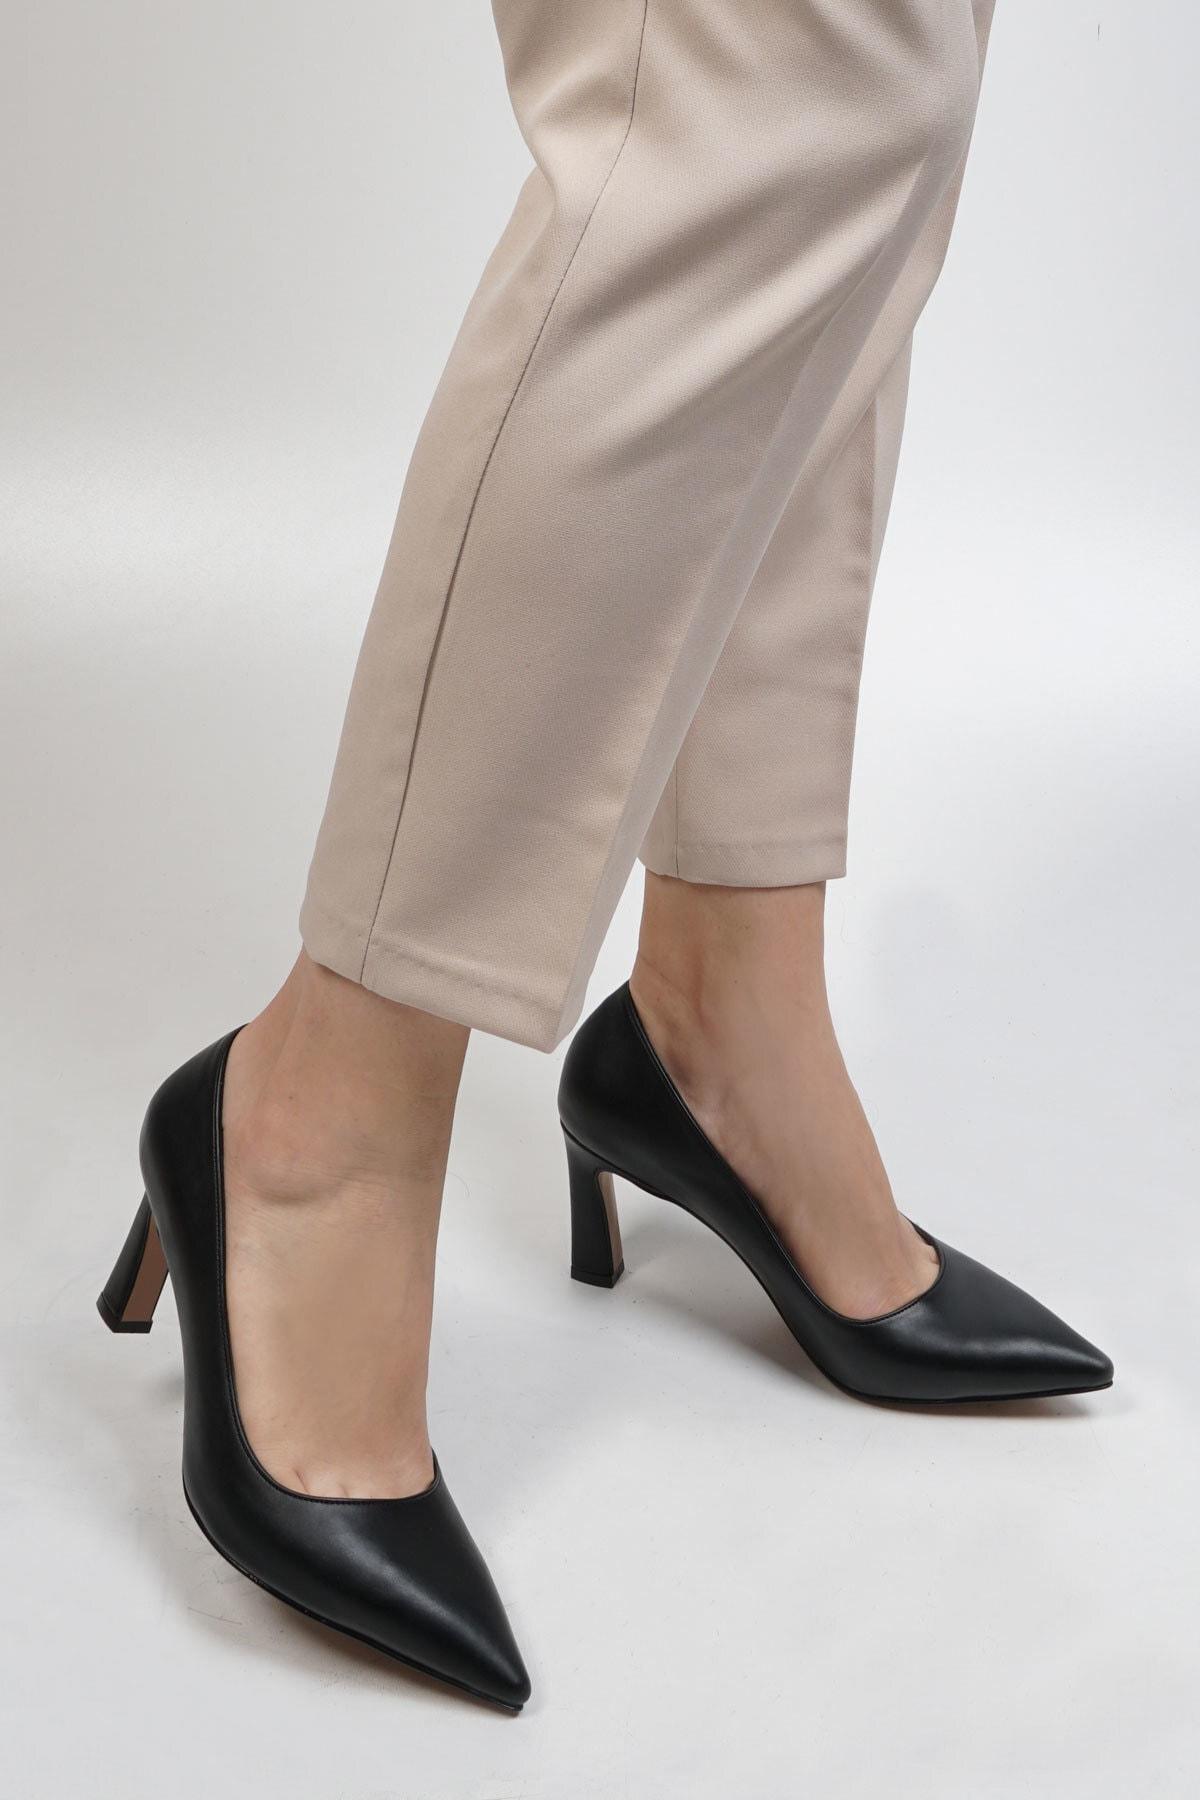 Marjin Siyah Kadın Akuna Stiletto Topuklu Ayakkabı 19K0016LR020 2